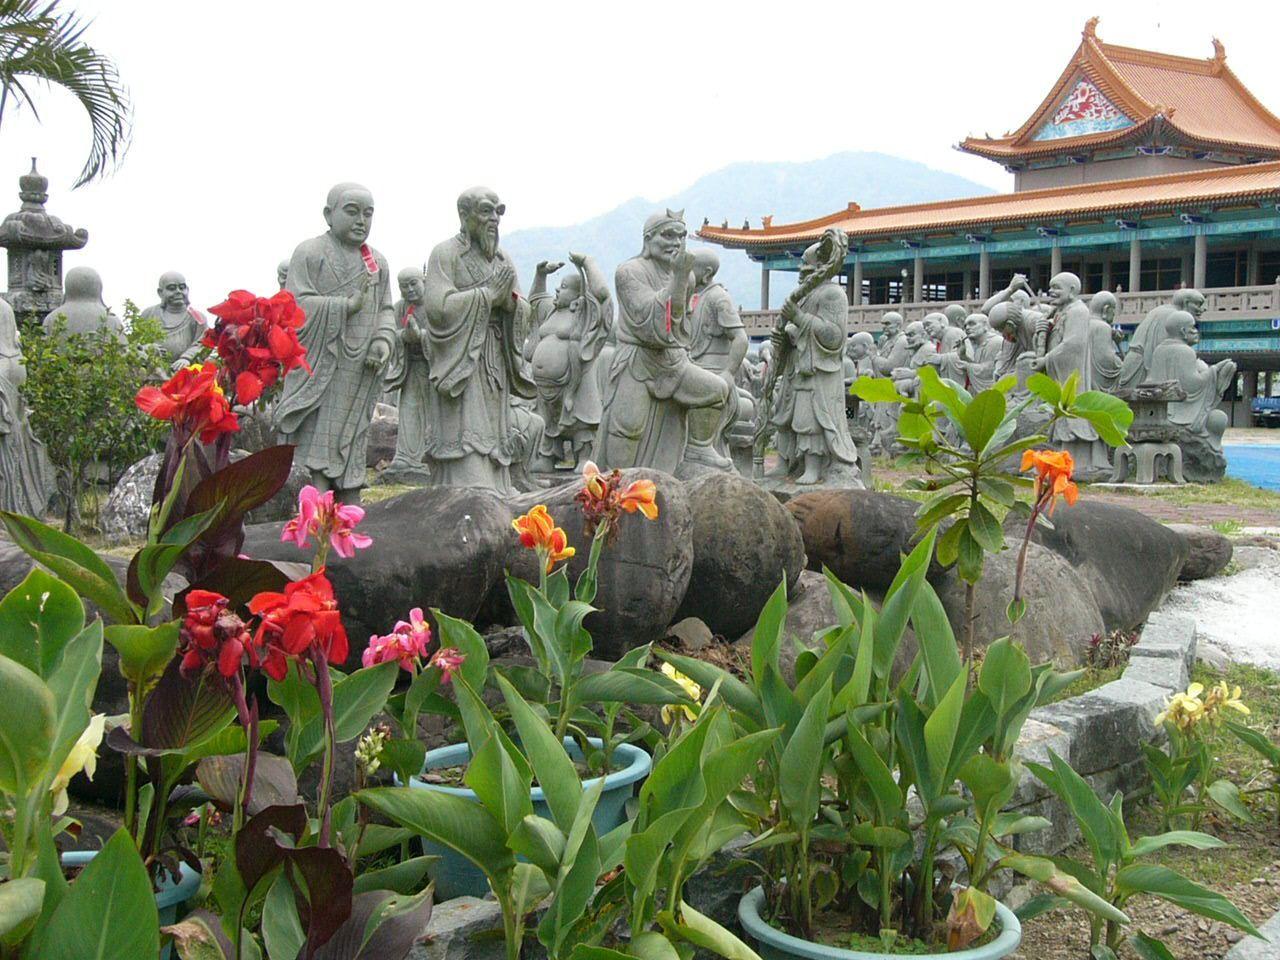 圖與文六龜鄉諦願寺五百羅漢石雕塑像。 圖/阮正霖 攝影